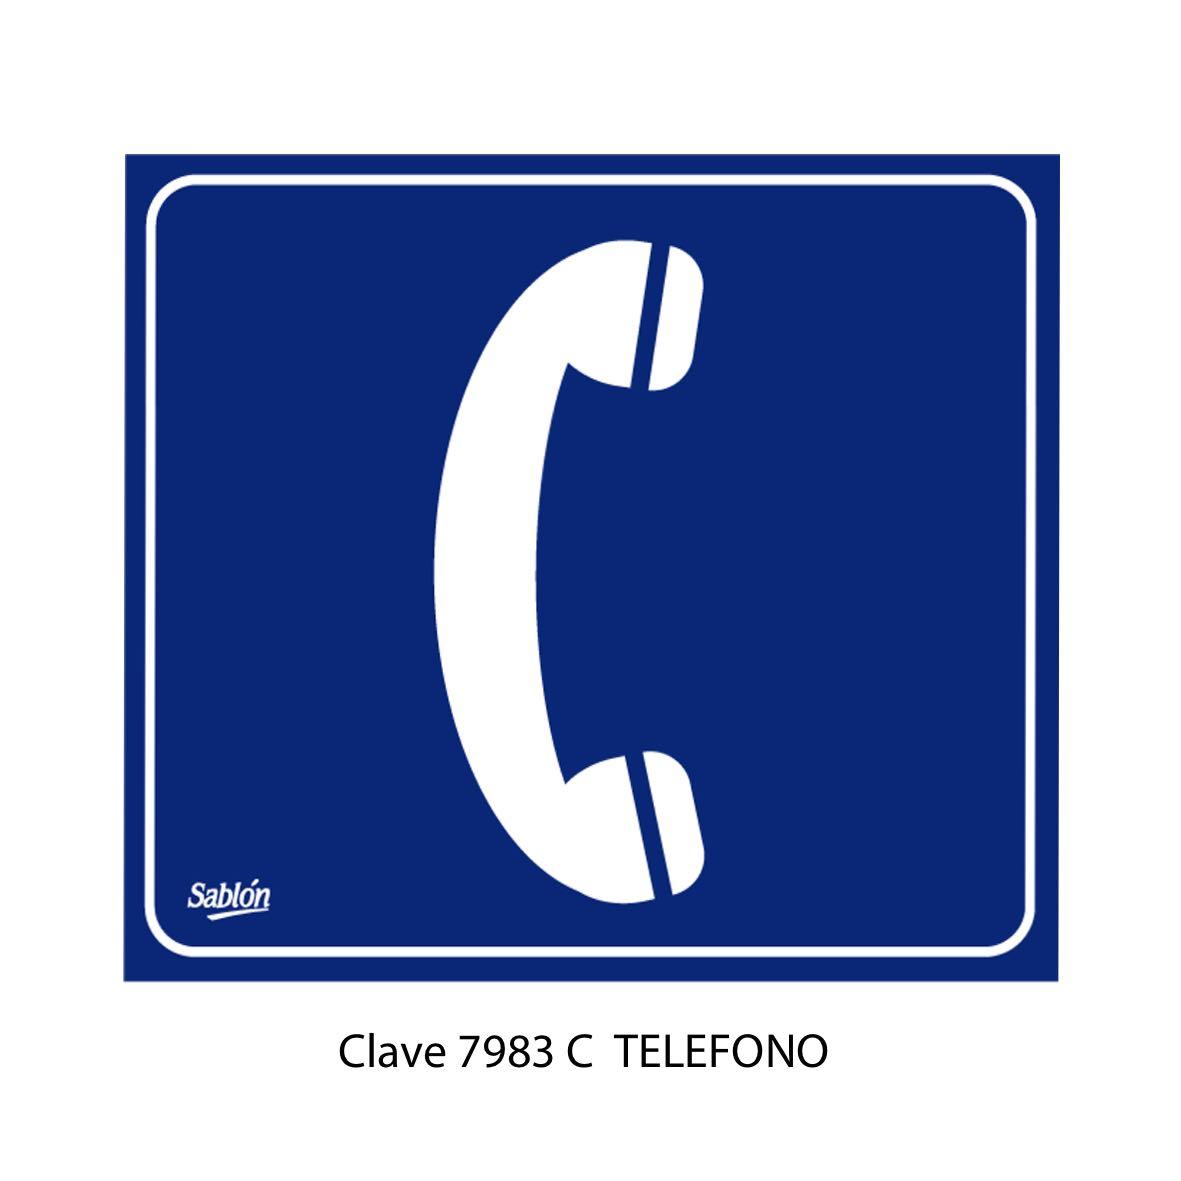 Señal Teléfono Modelo 7983 C - Sablón